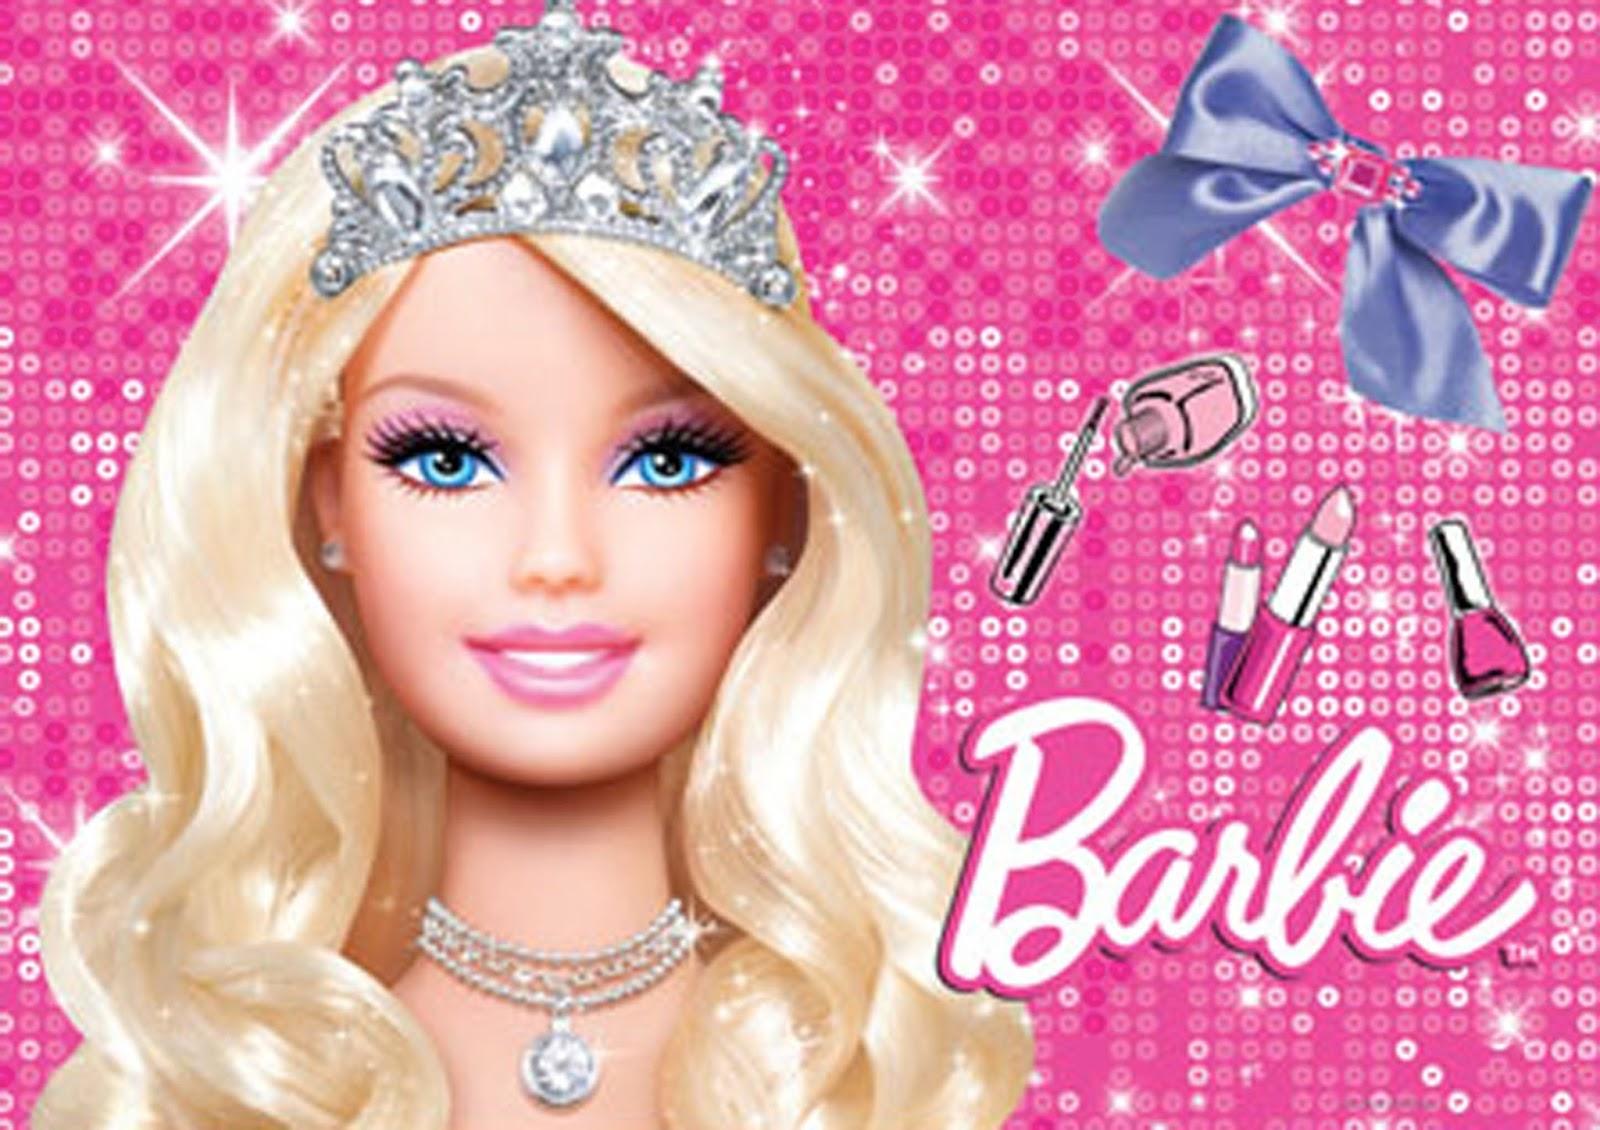 Quel équipement barbie choisir et acheter